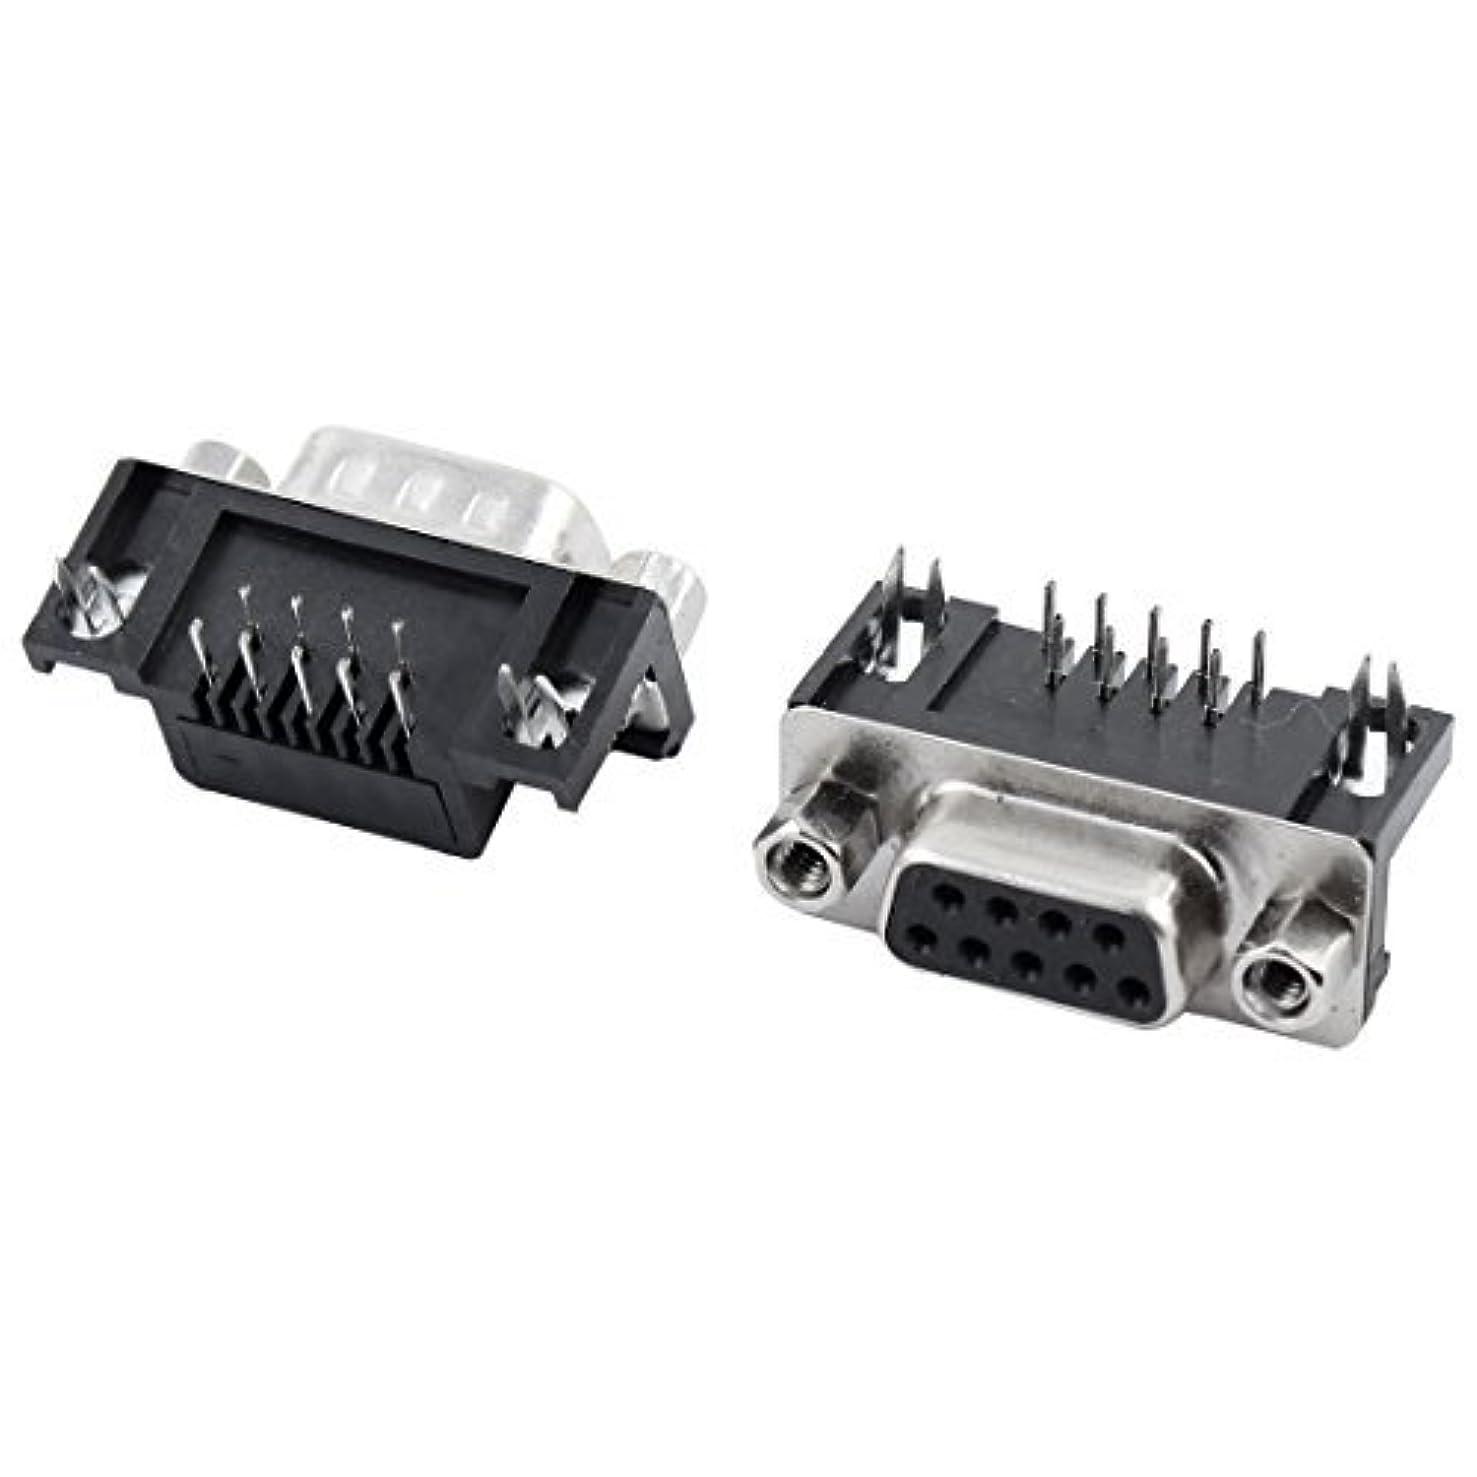 労働アラブサラボポータブルDealMux DB9 9ピンオス+メスライトアングルD-SUB PCB実装コネクタ2個